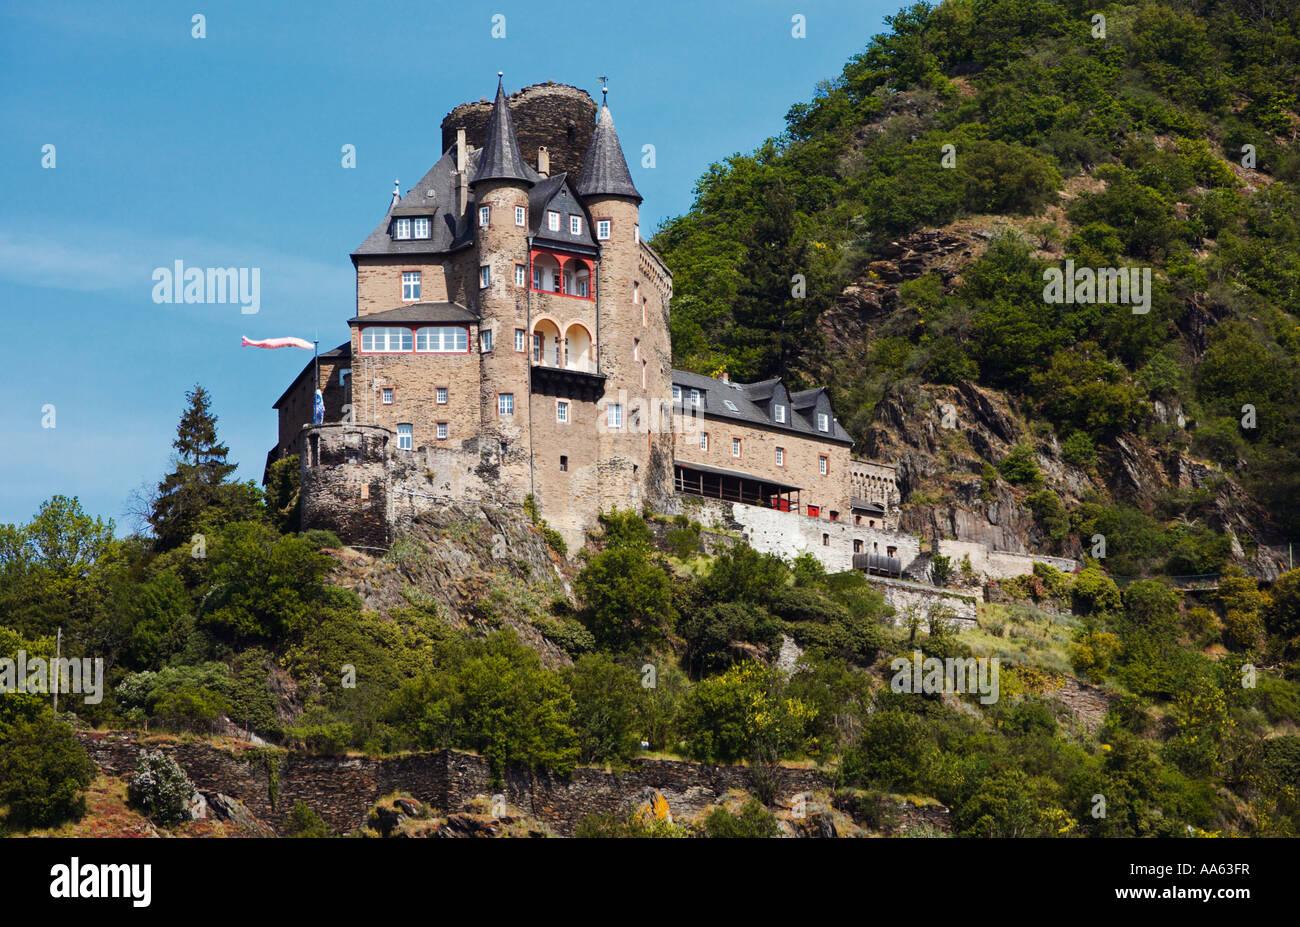 Castle Katz, Rhine castle, Rhineland, Germany, Europe - Stock Image